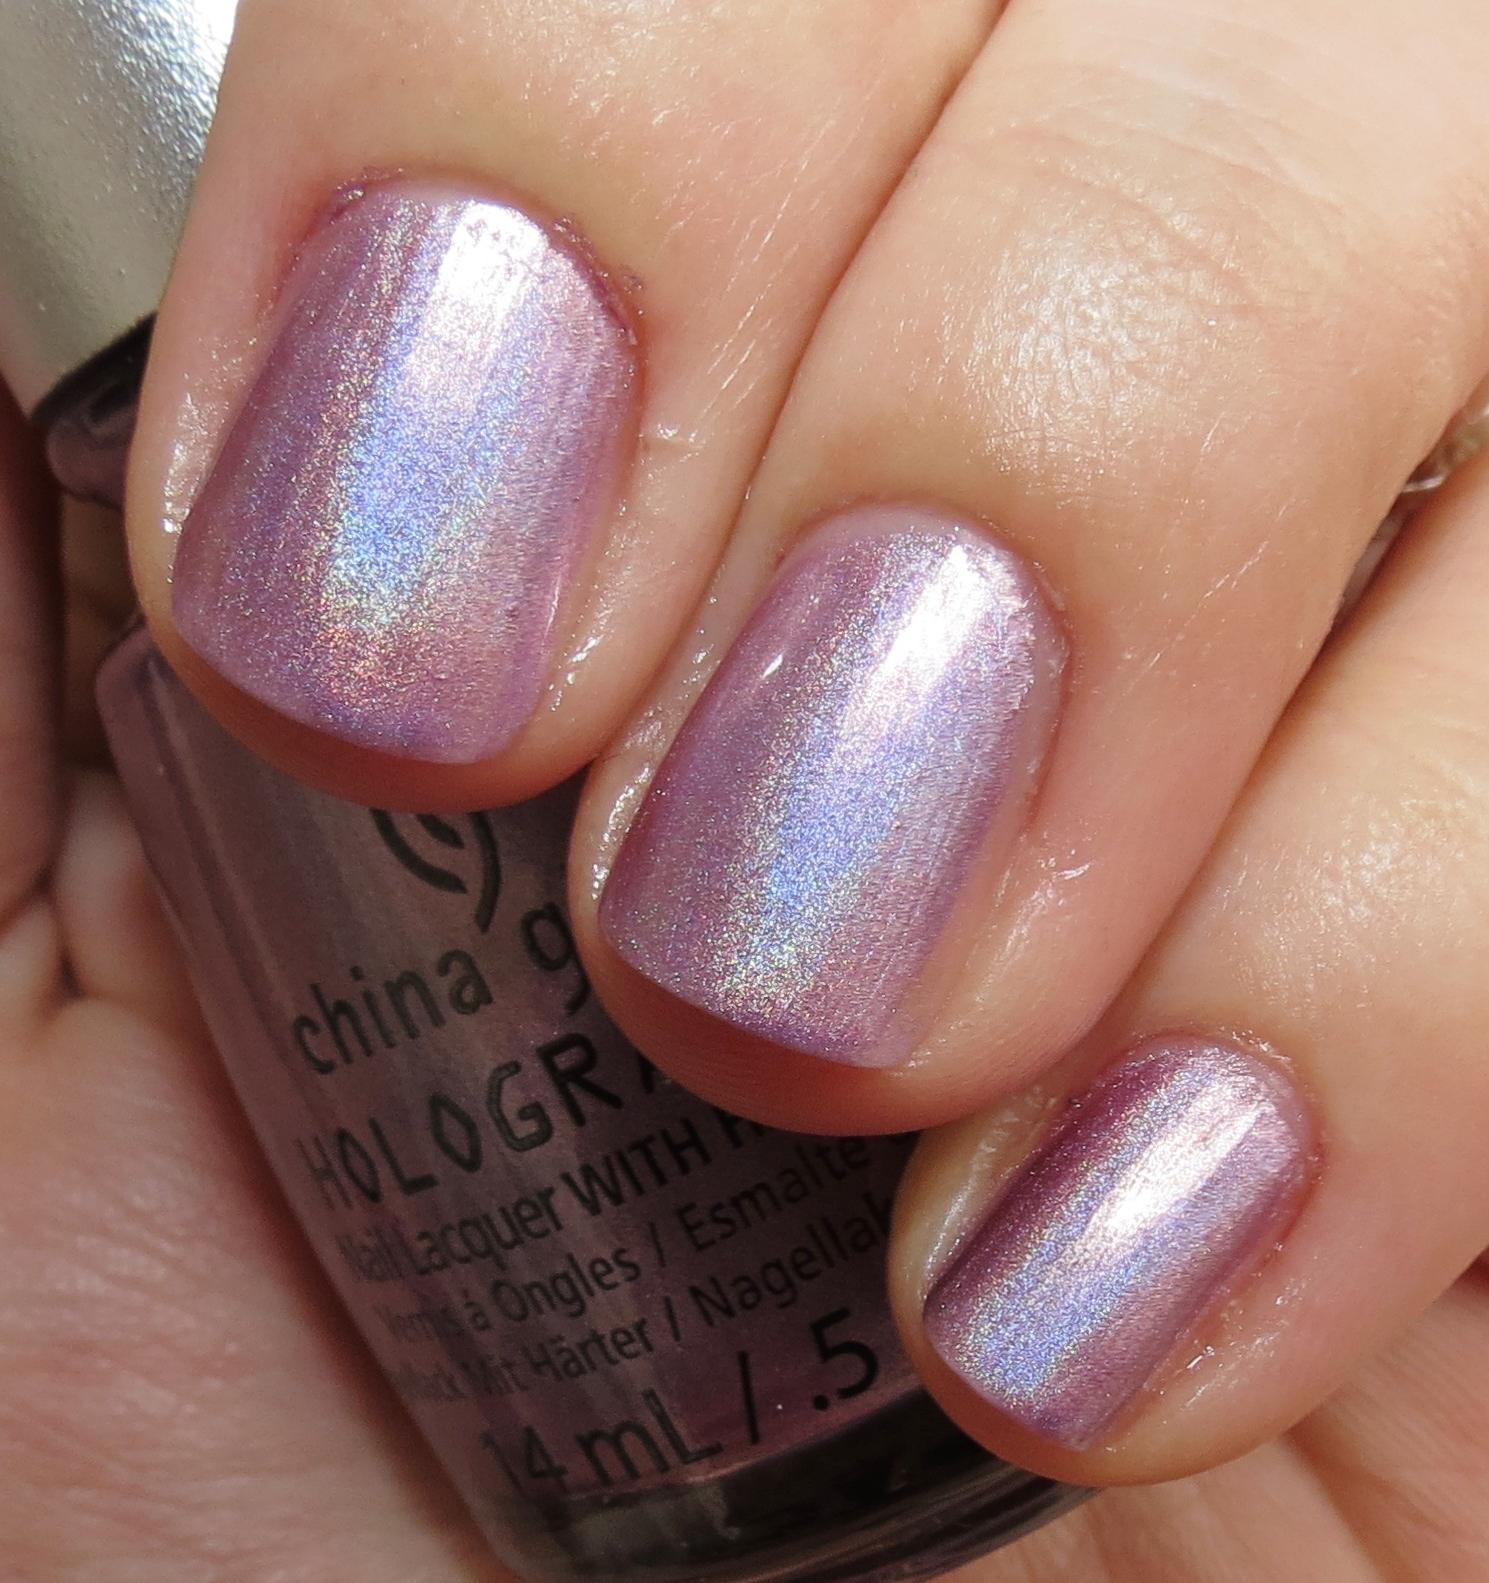 China Glaze Rainbow Nail Polish Swatch